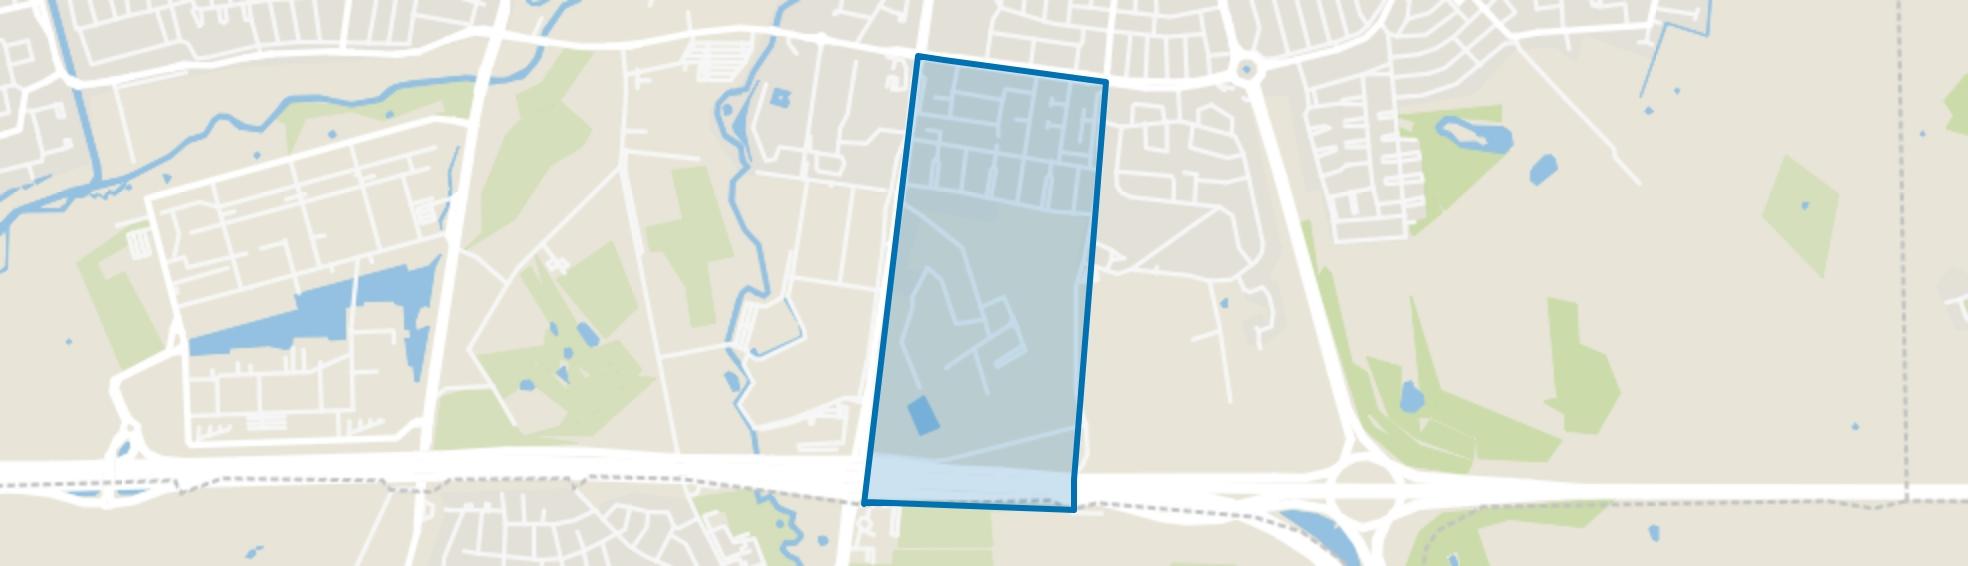 Eikenburg, Eindhoven map